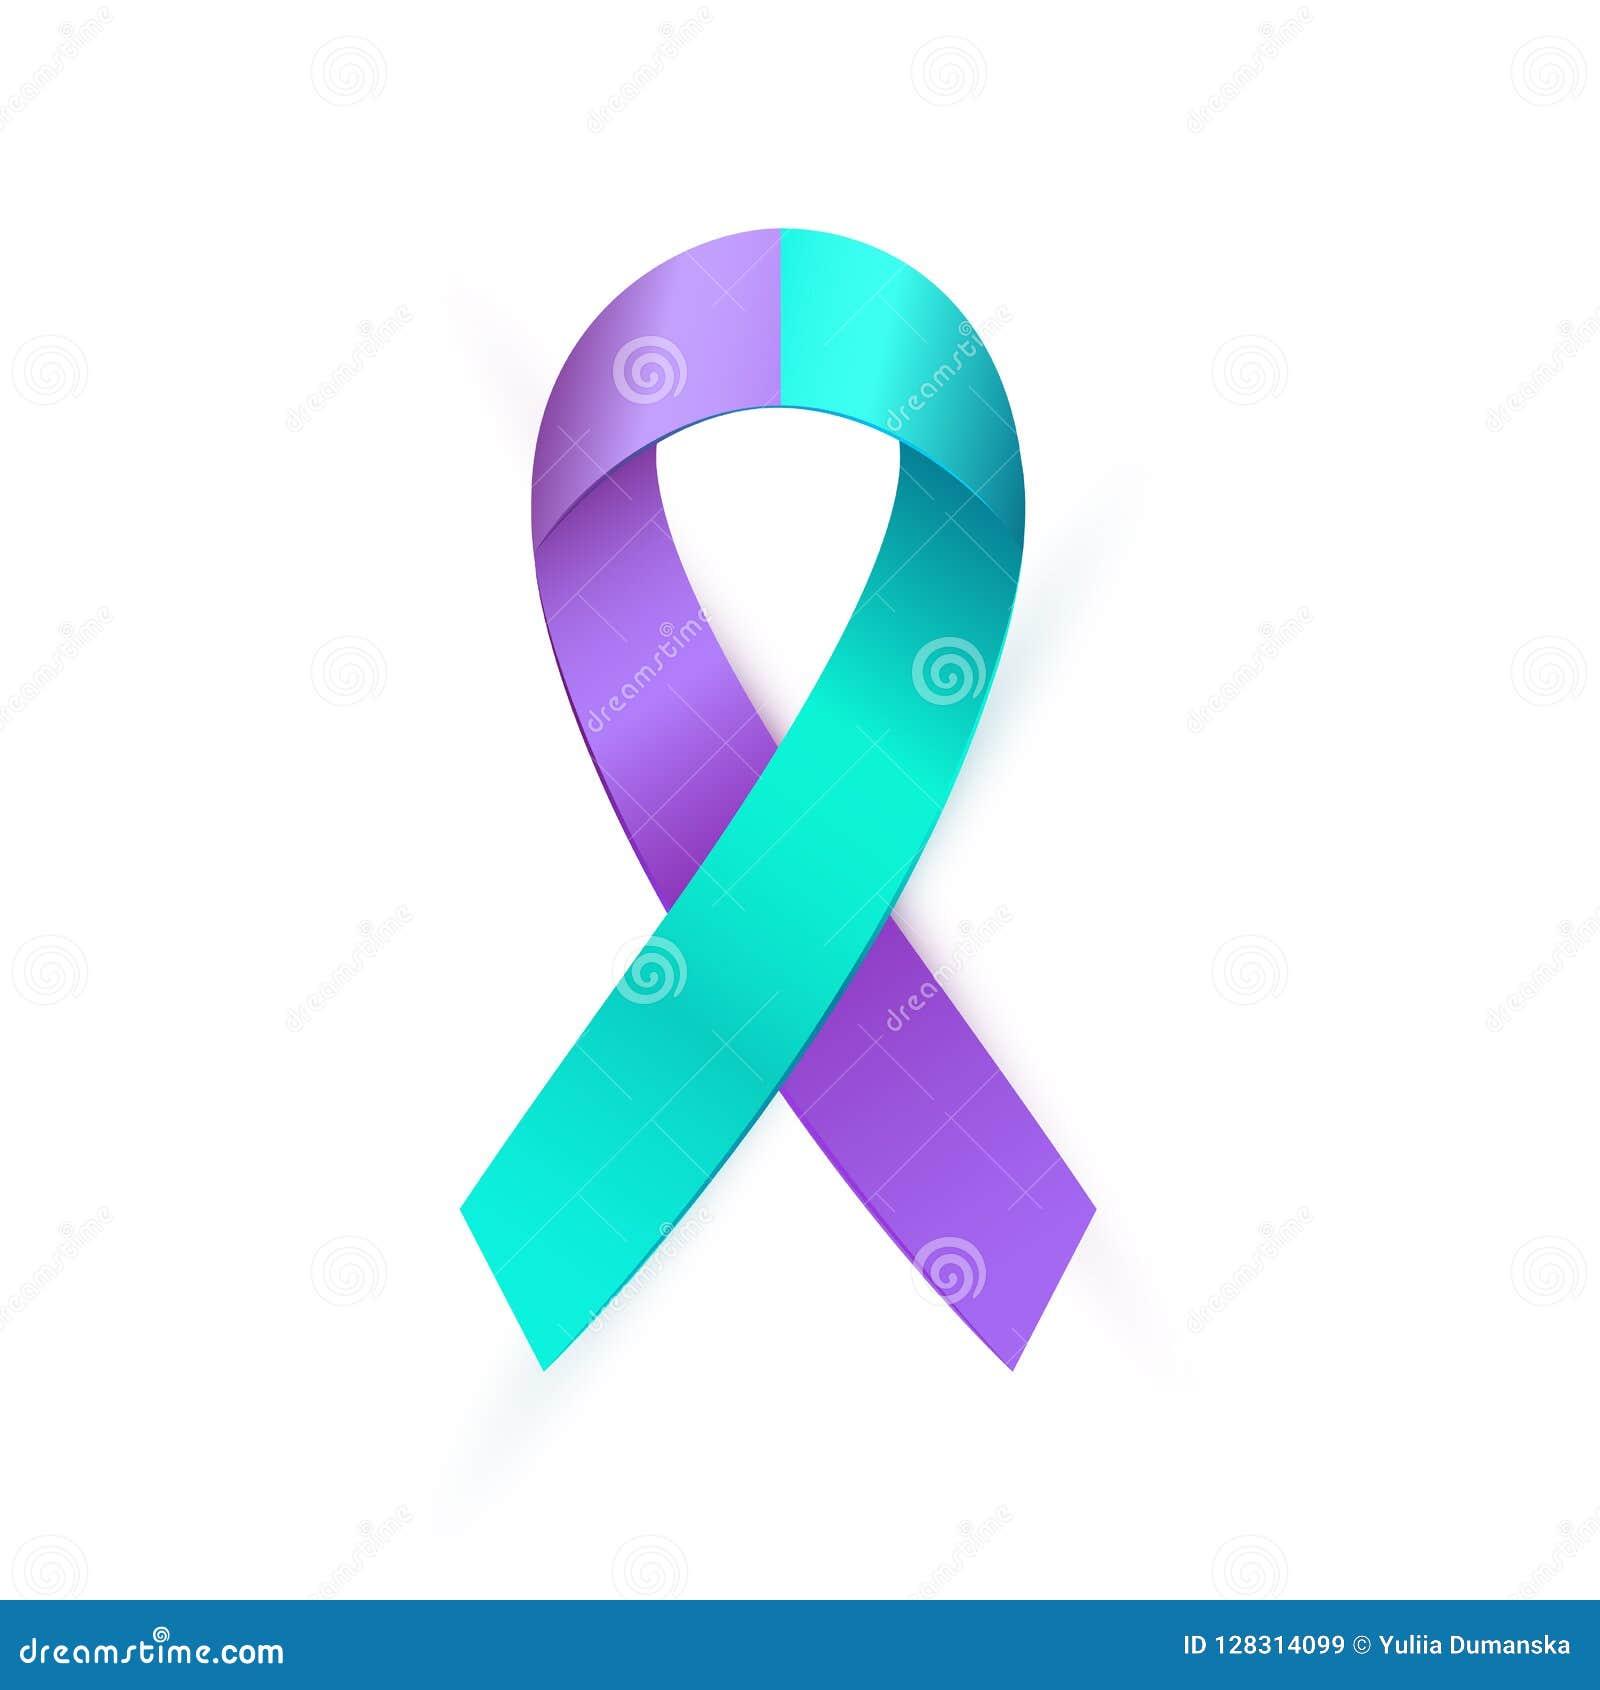 Ruban 3d bleu pourpre pour la conscience de prévention de suicide